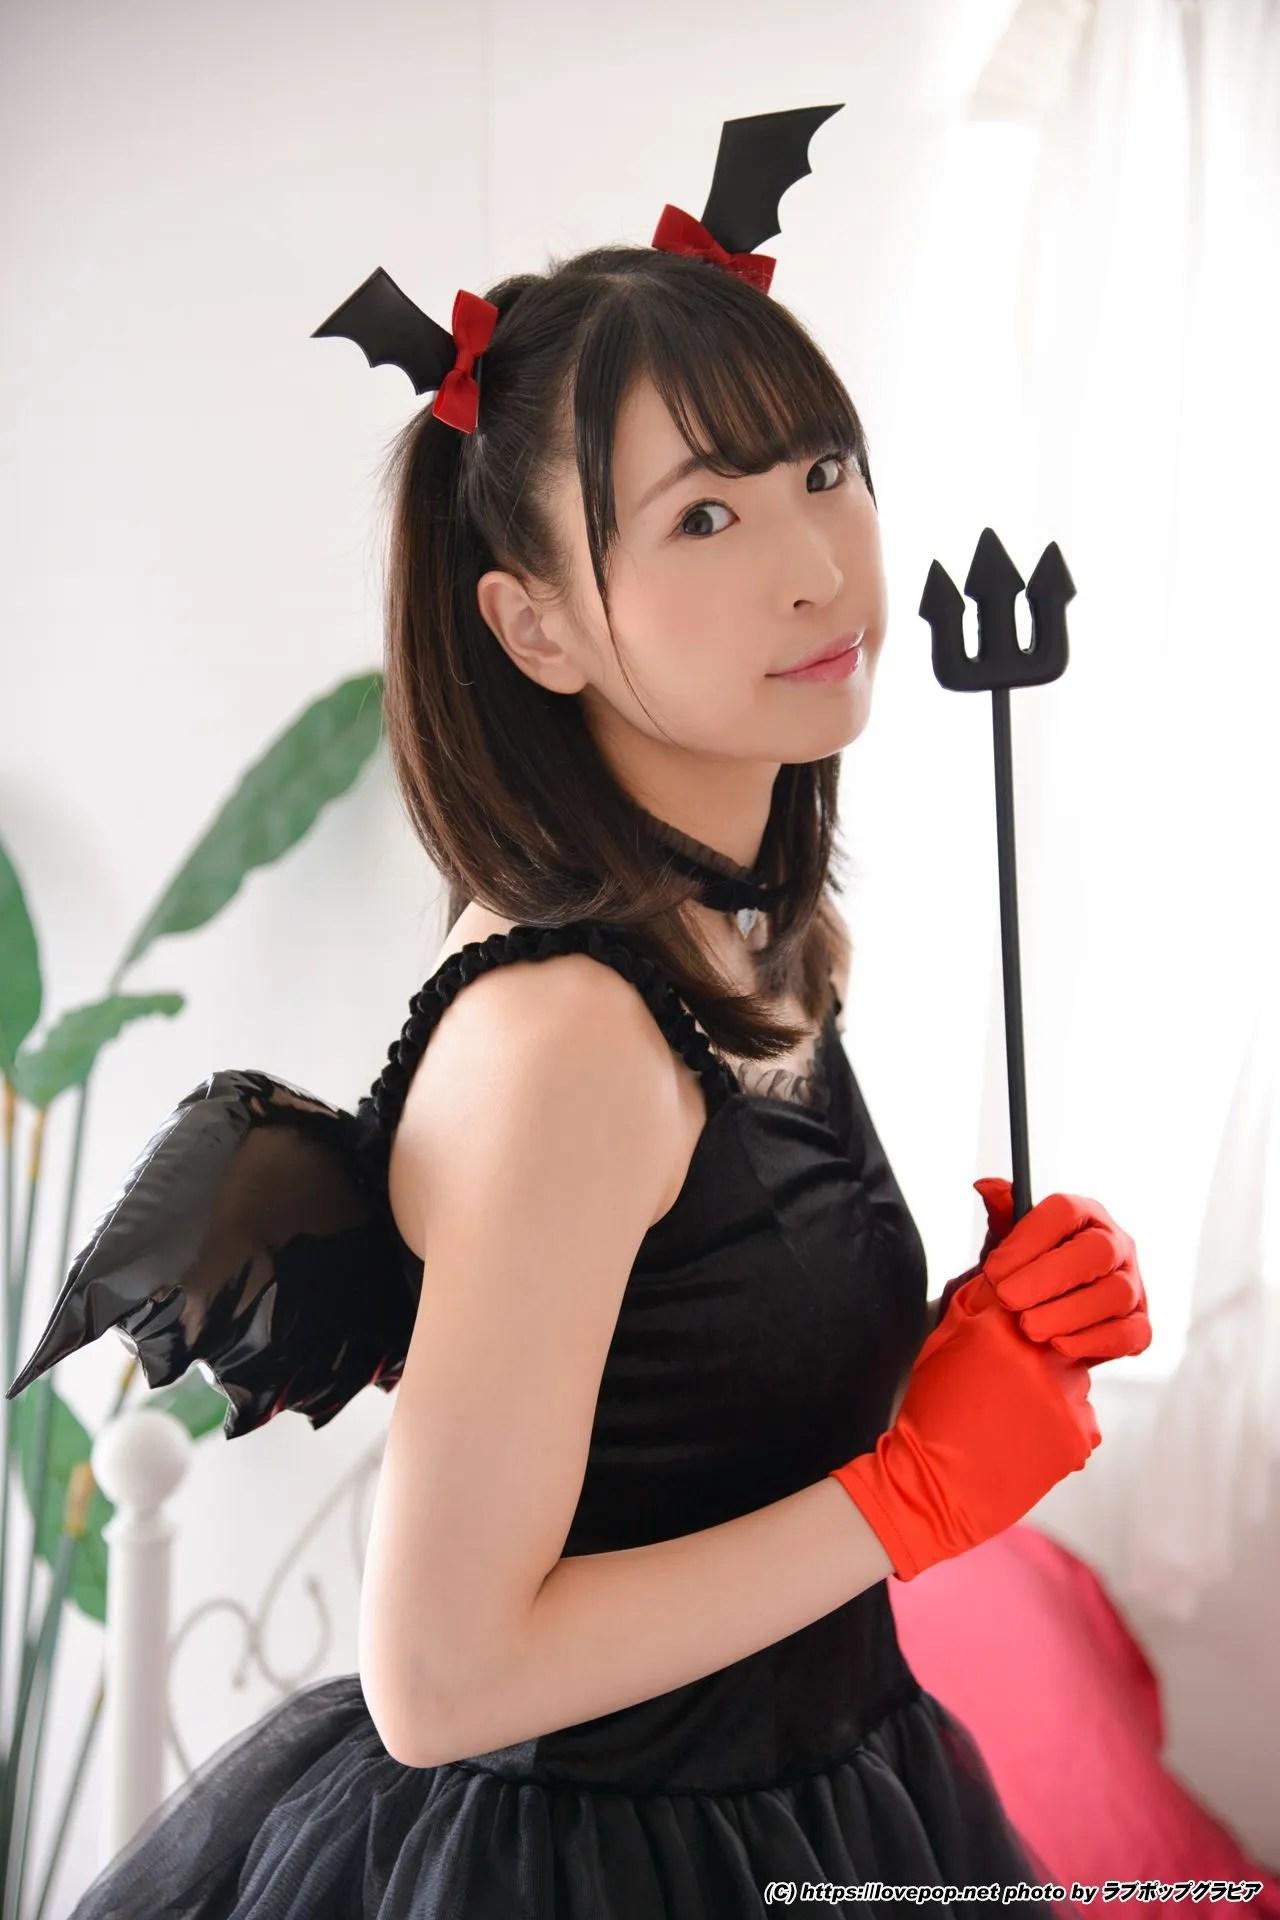 [LOVEPOP] 夏木紫帆 Shiho Natsuki Photoset 06[70P]插图(4)